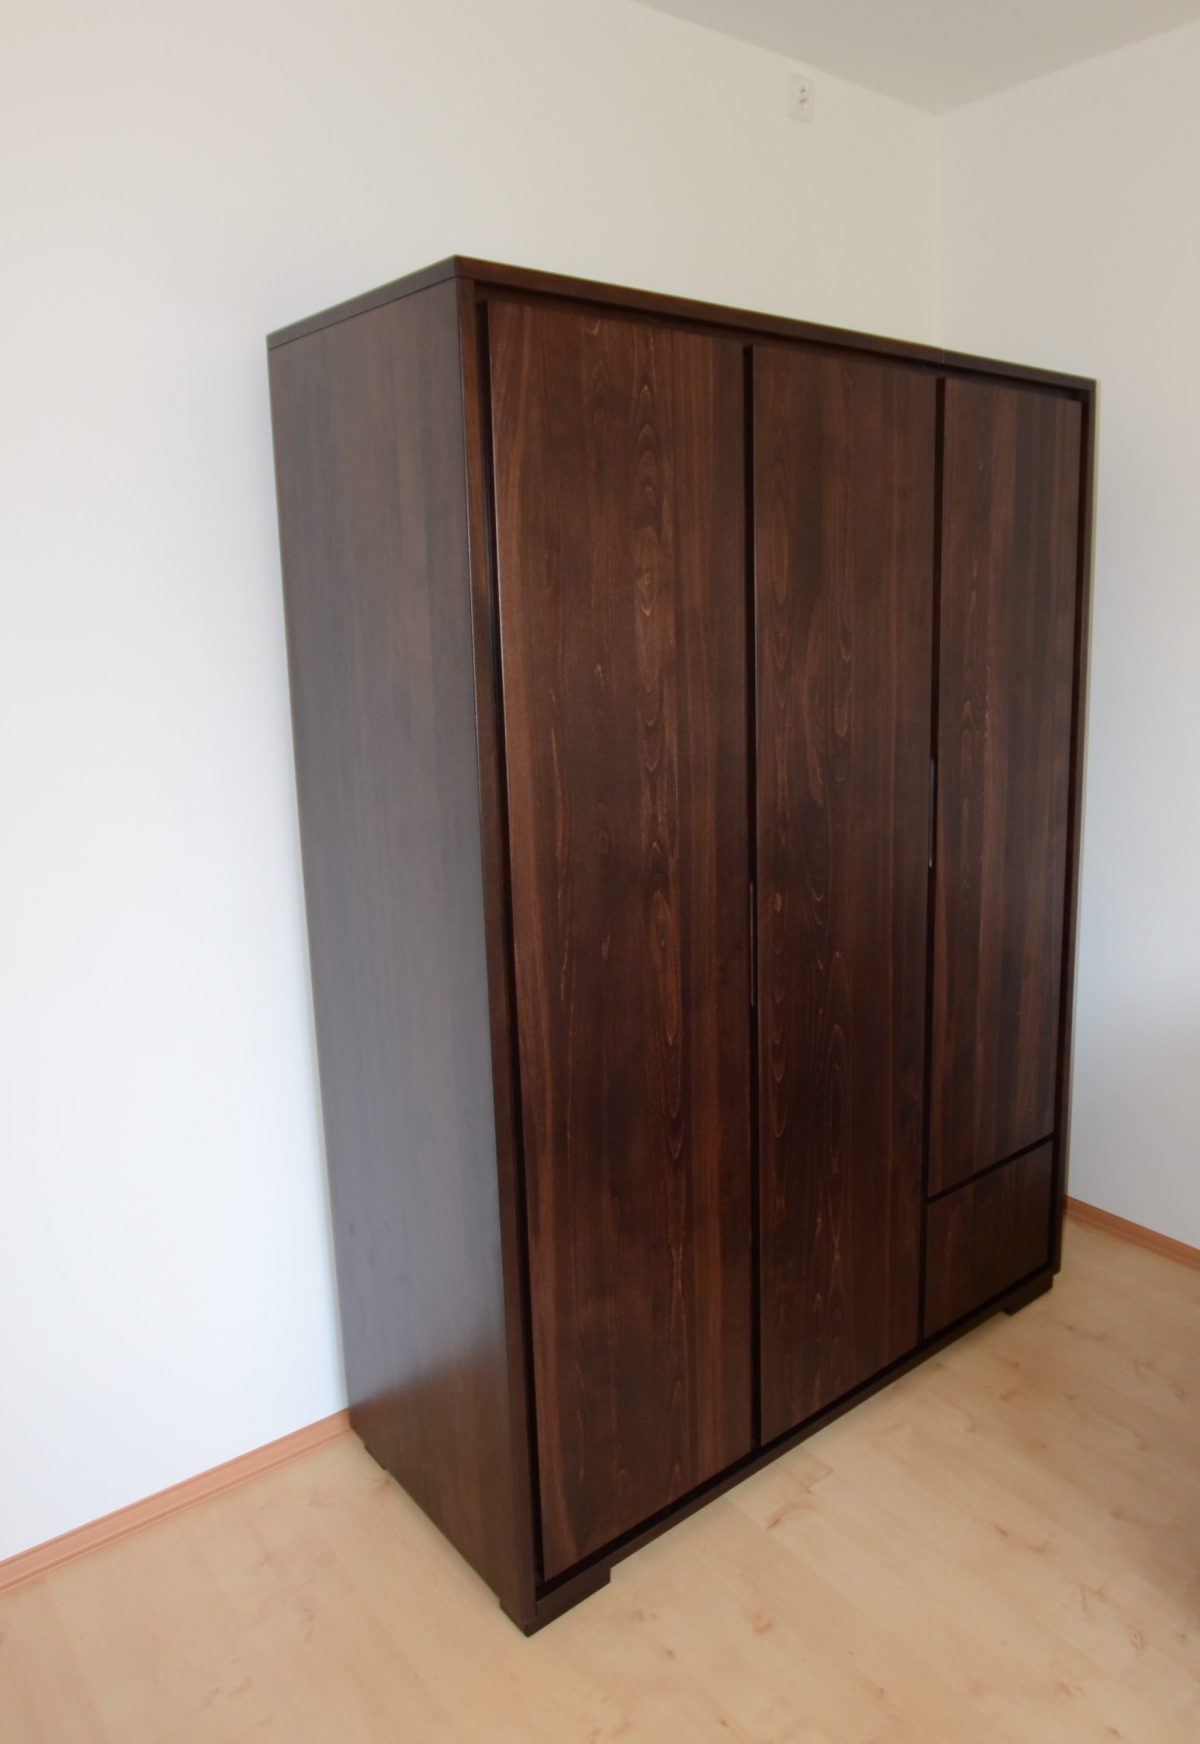 bukowa szafa trzydrzwiowa